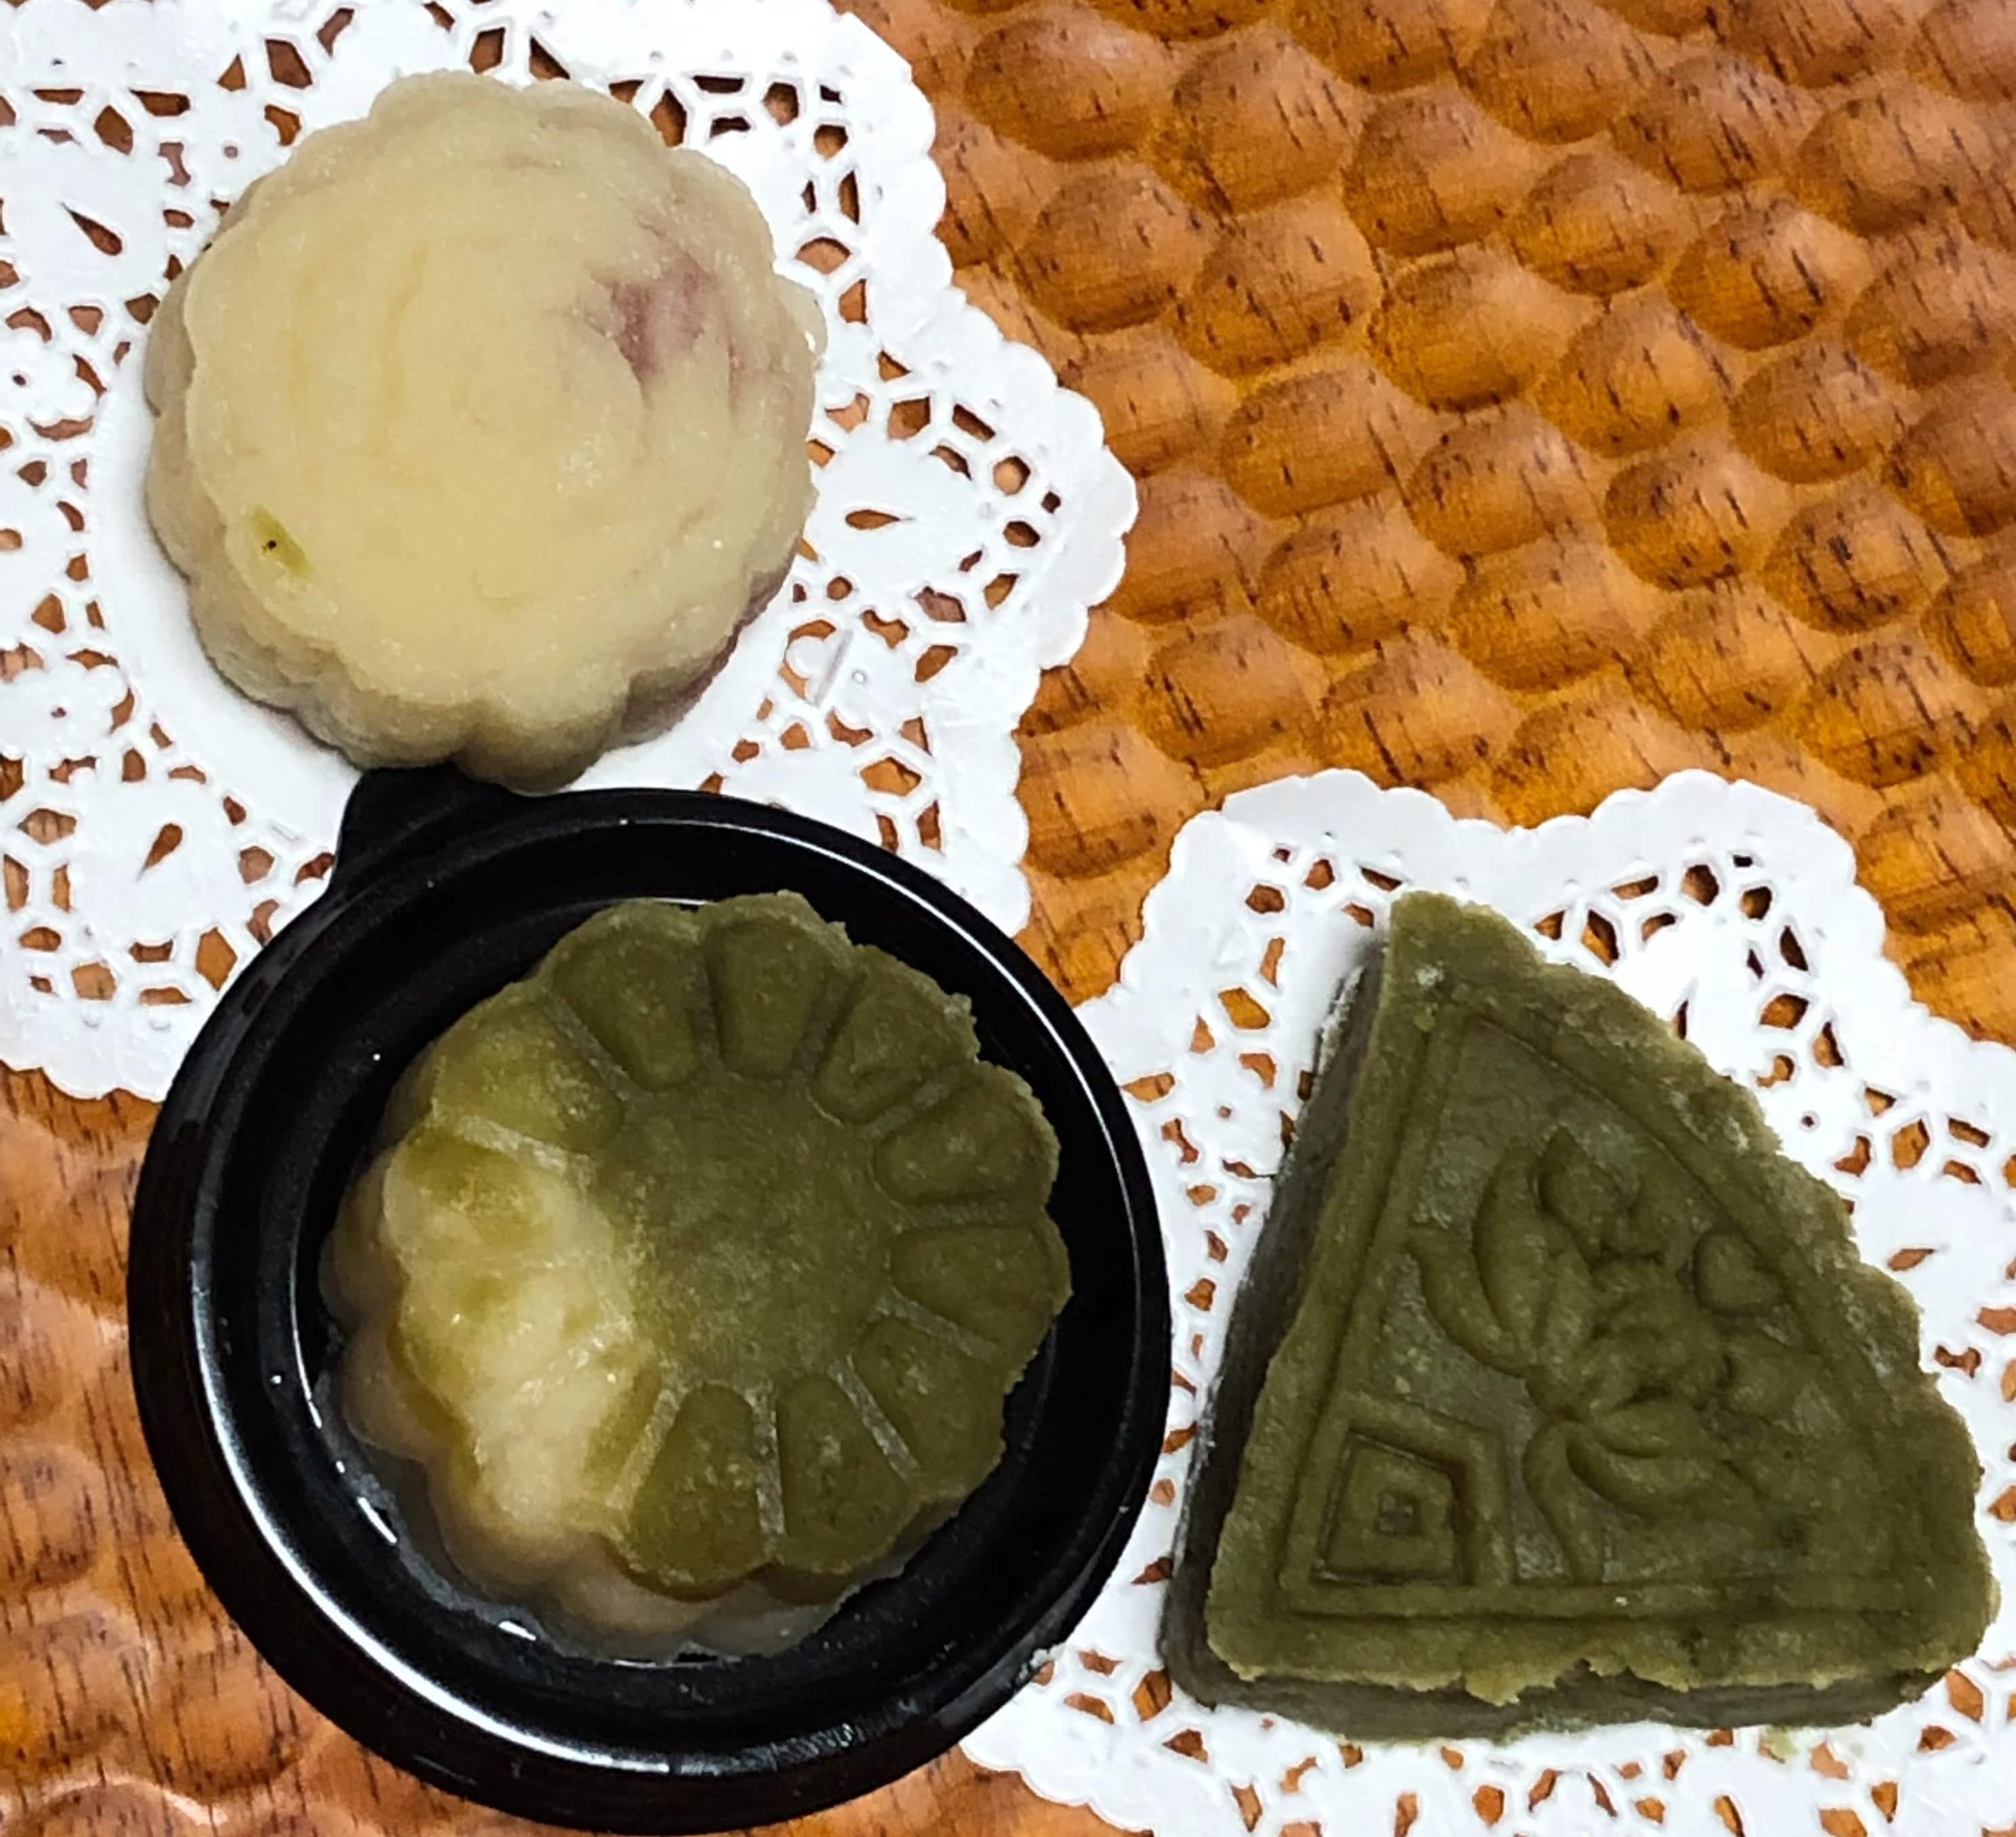 (現地払い)Hakko okazu 発酵教室 発酵の冷たいスイーツBOX 8月21日(水)AMのイメージその1